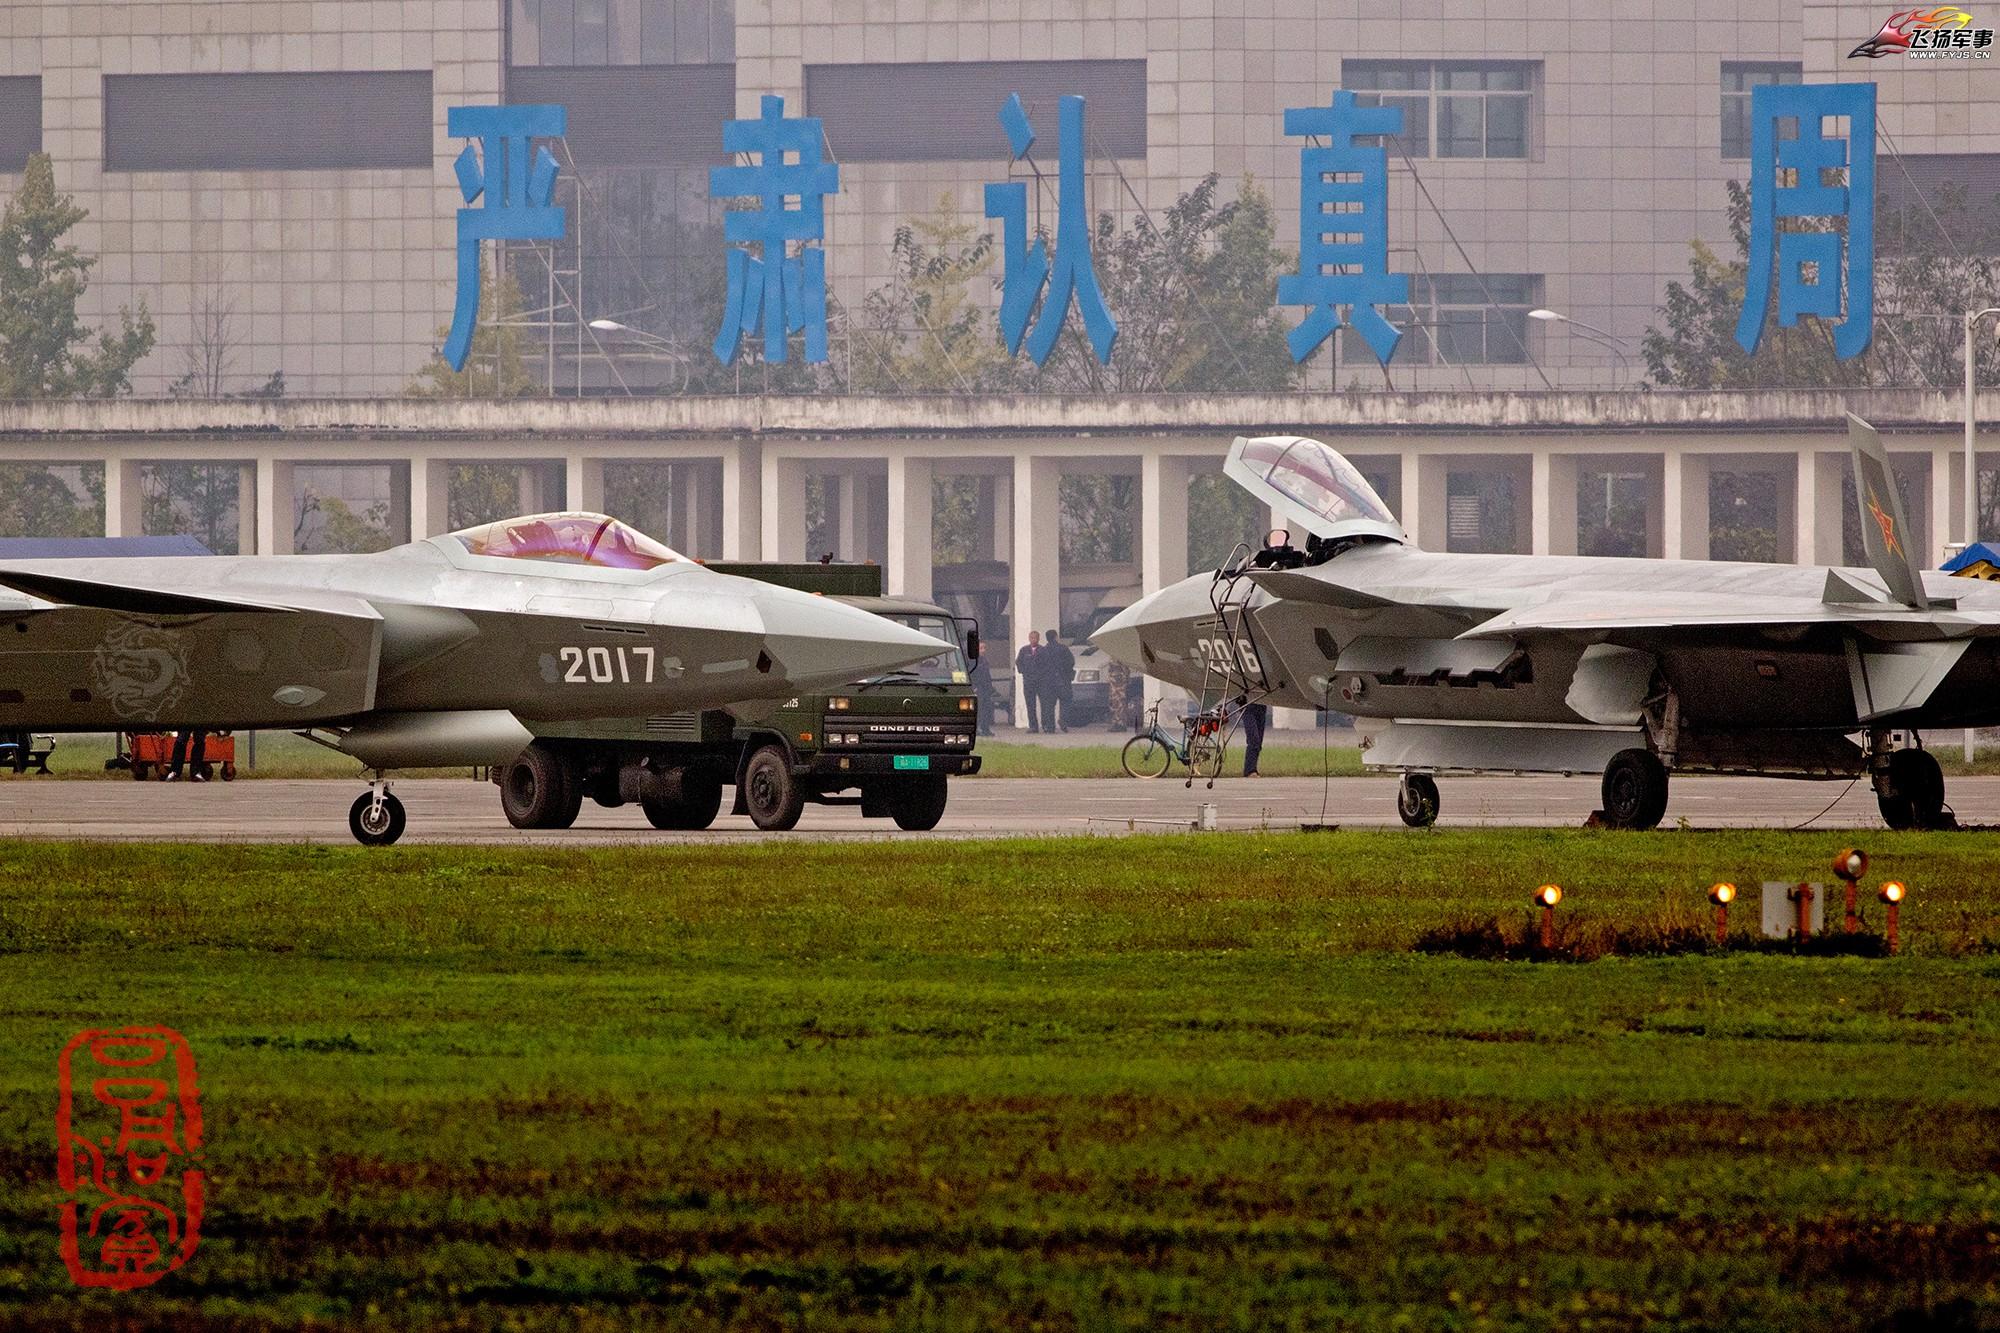 外媒感叹中国已在部分武器领域与西方平起平坐